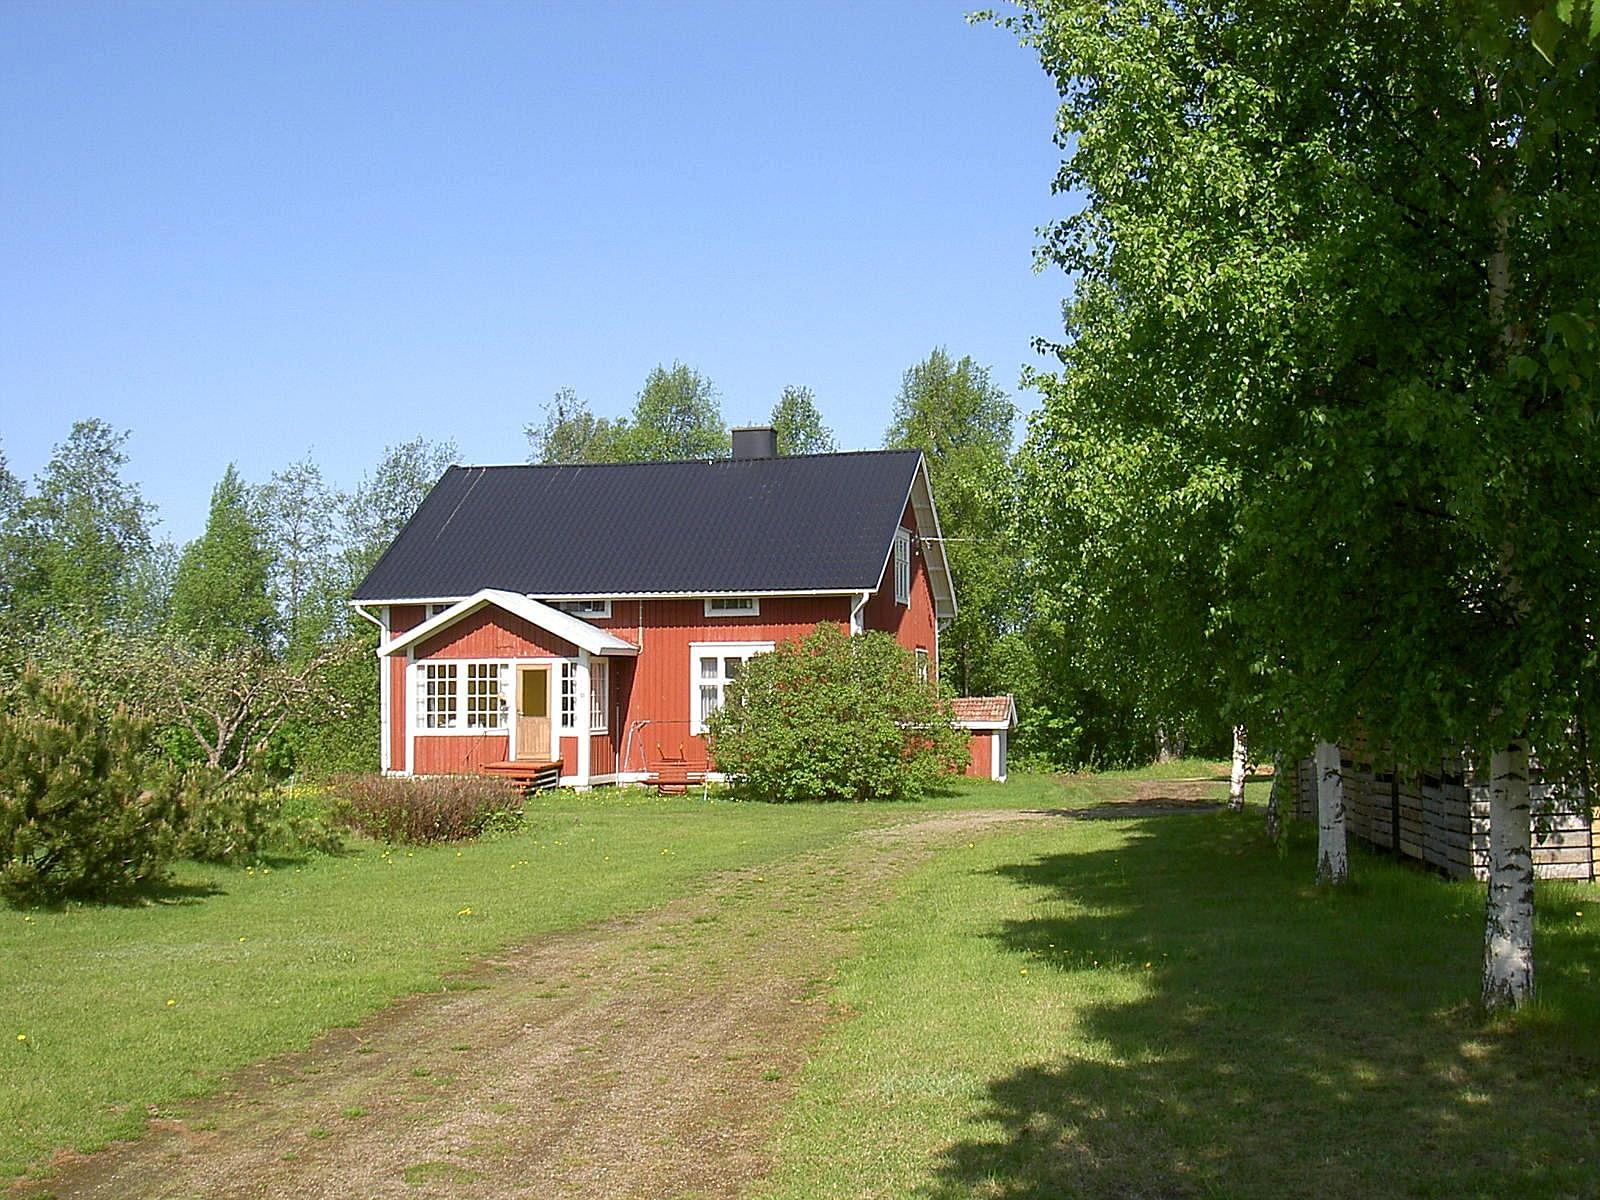 Så här såg Åkes gård ut 2003, fotograferad från vägen. Efter Åkes död 2010 står gården tom.